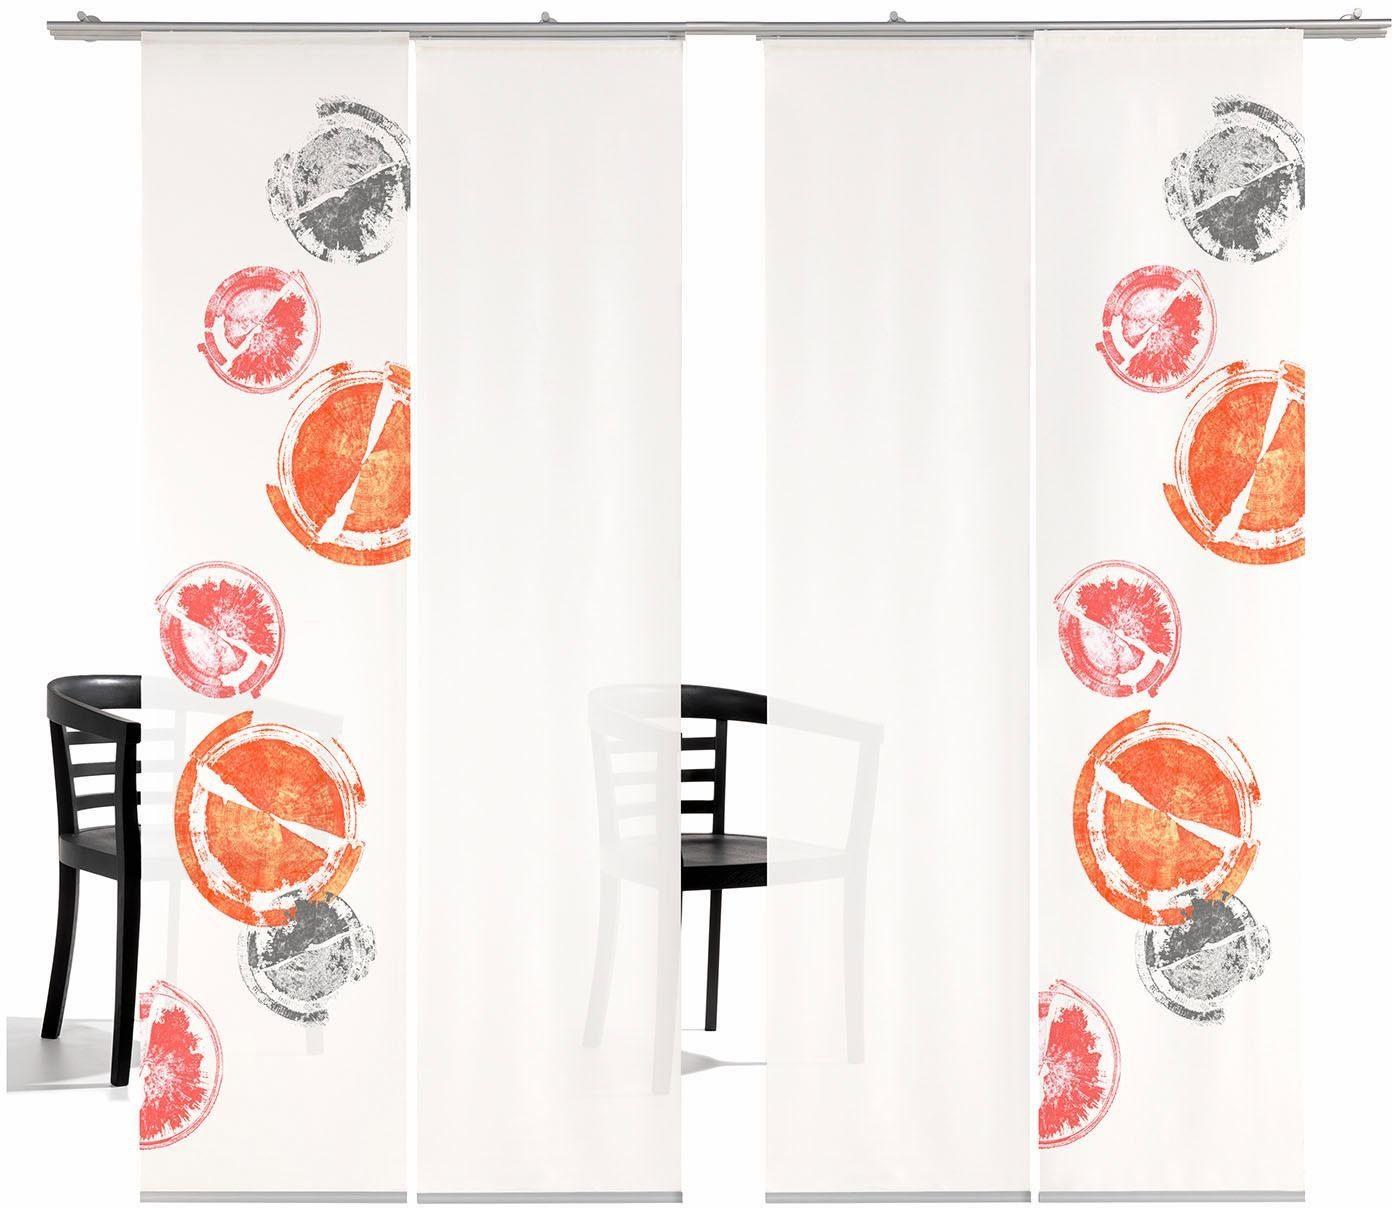 Schiebegardine »Rondo HA«, emotion textiles, Klettband (4 Stück), inkl. Befestigungszubehör